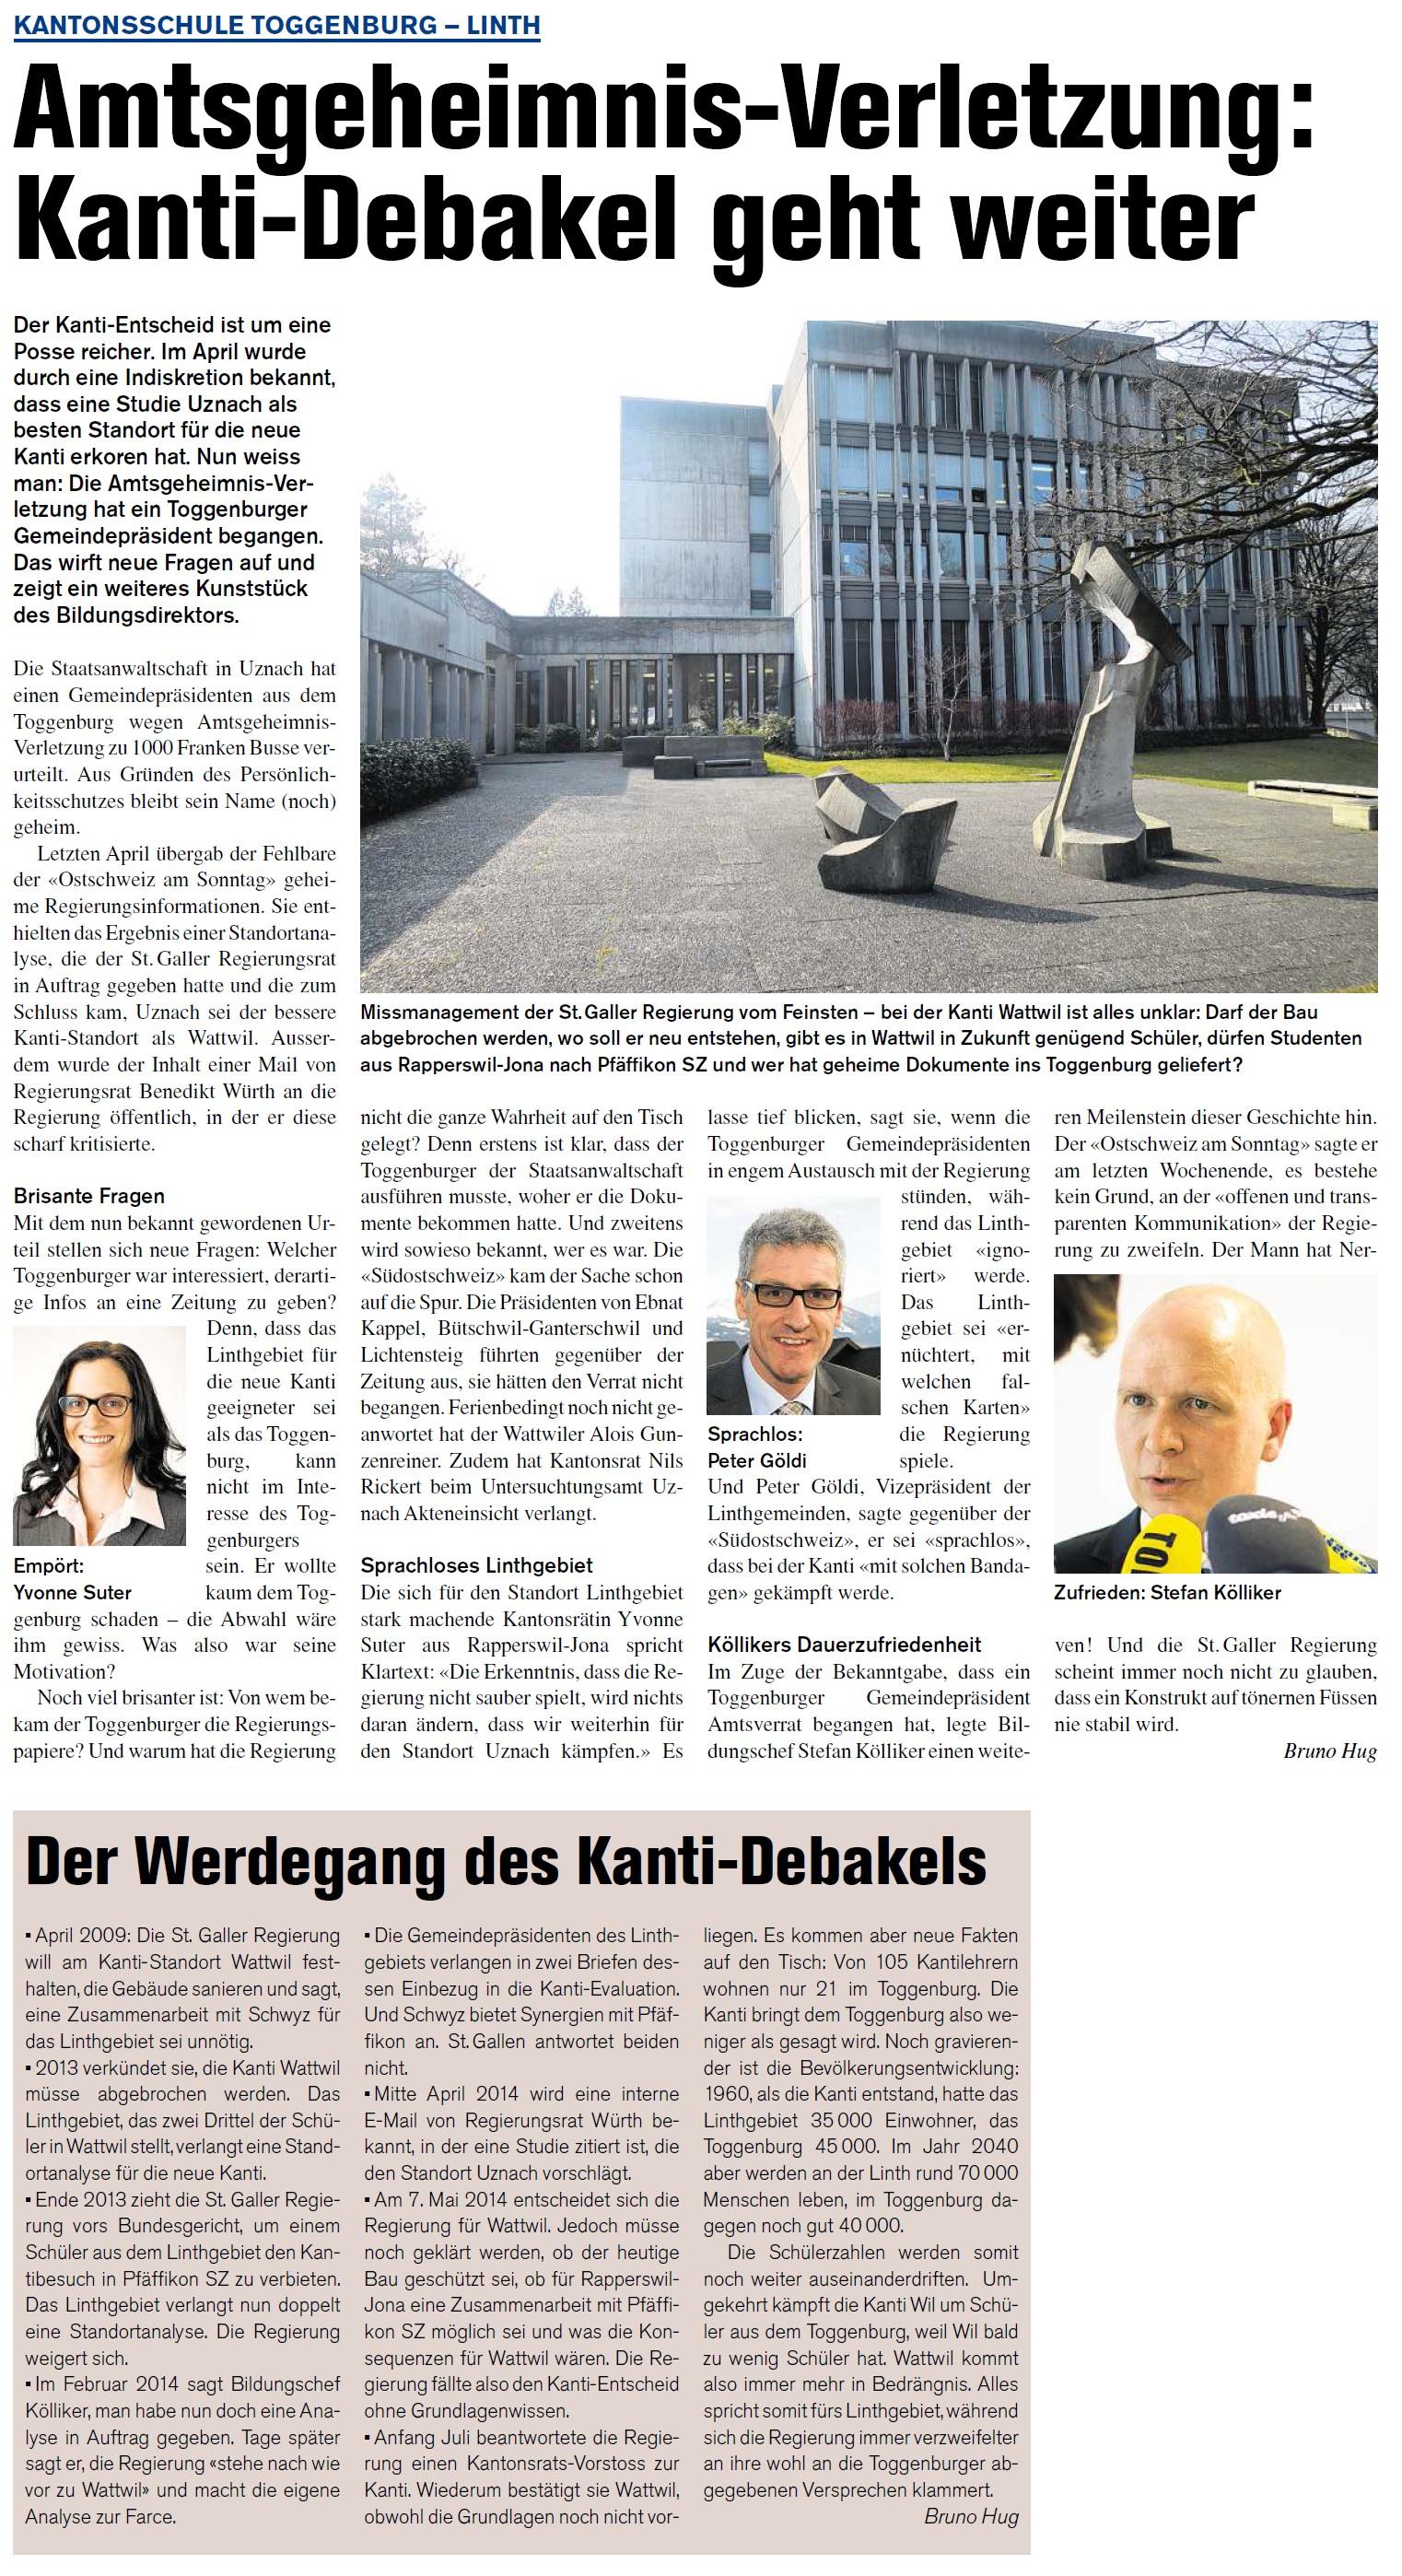 Amtsgeheimnis-Verletzung: Kanti-Debakel geht weiter (Donnerstag, 24.07.2014)